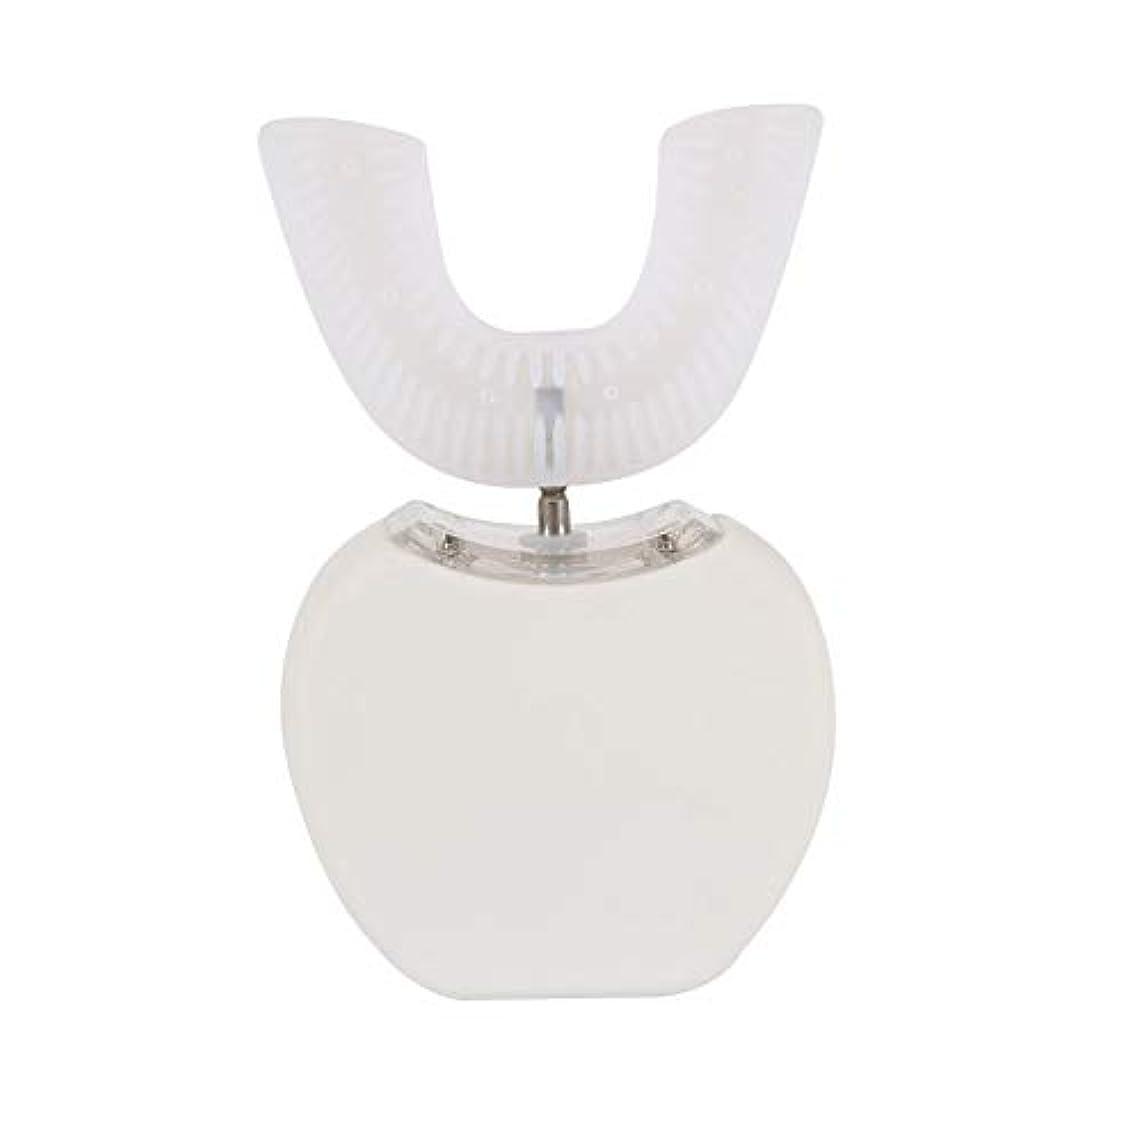 ランダム好戦的な数学的な360°ワイヤレス充電怠惰な自動ソニックシリコーン電動歯ブラシ - ホワイト